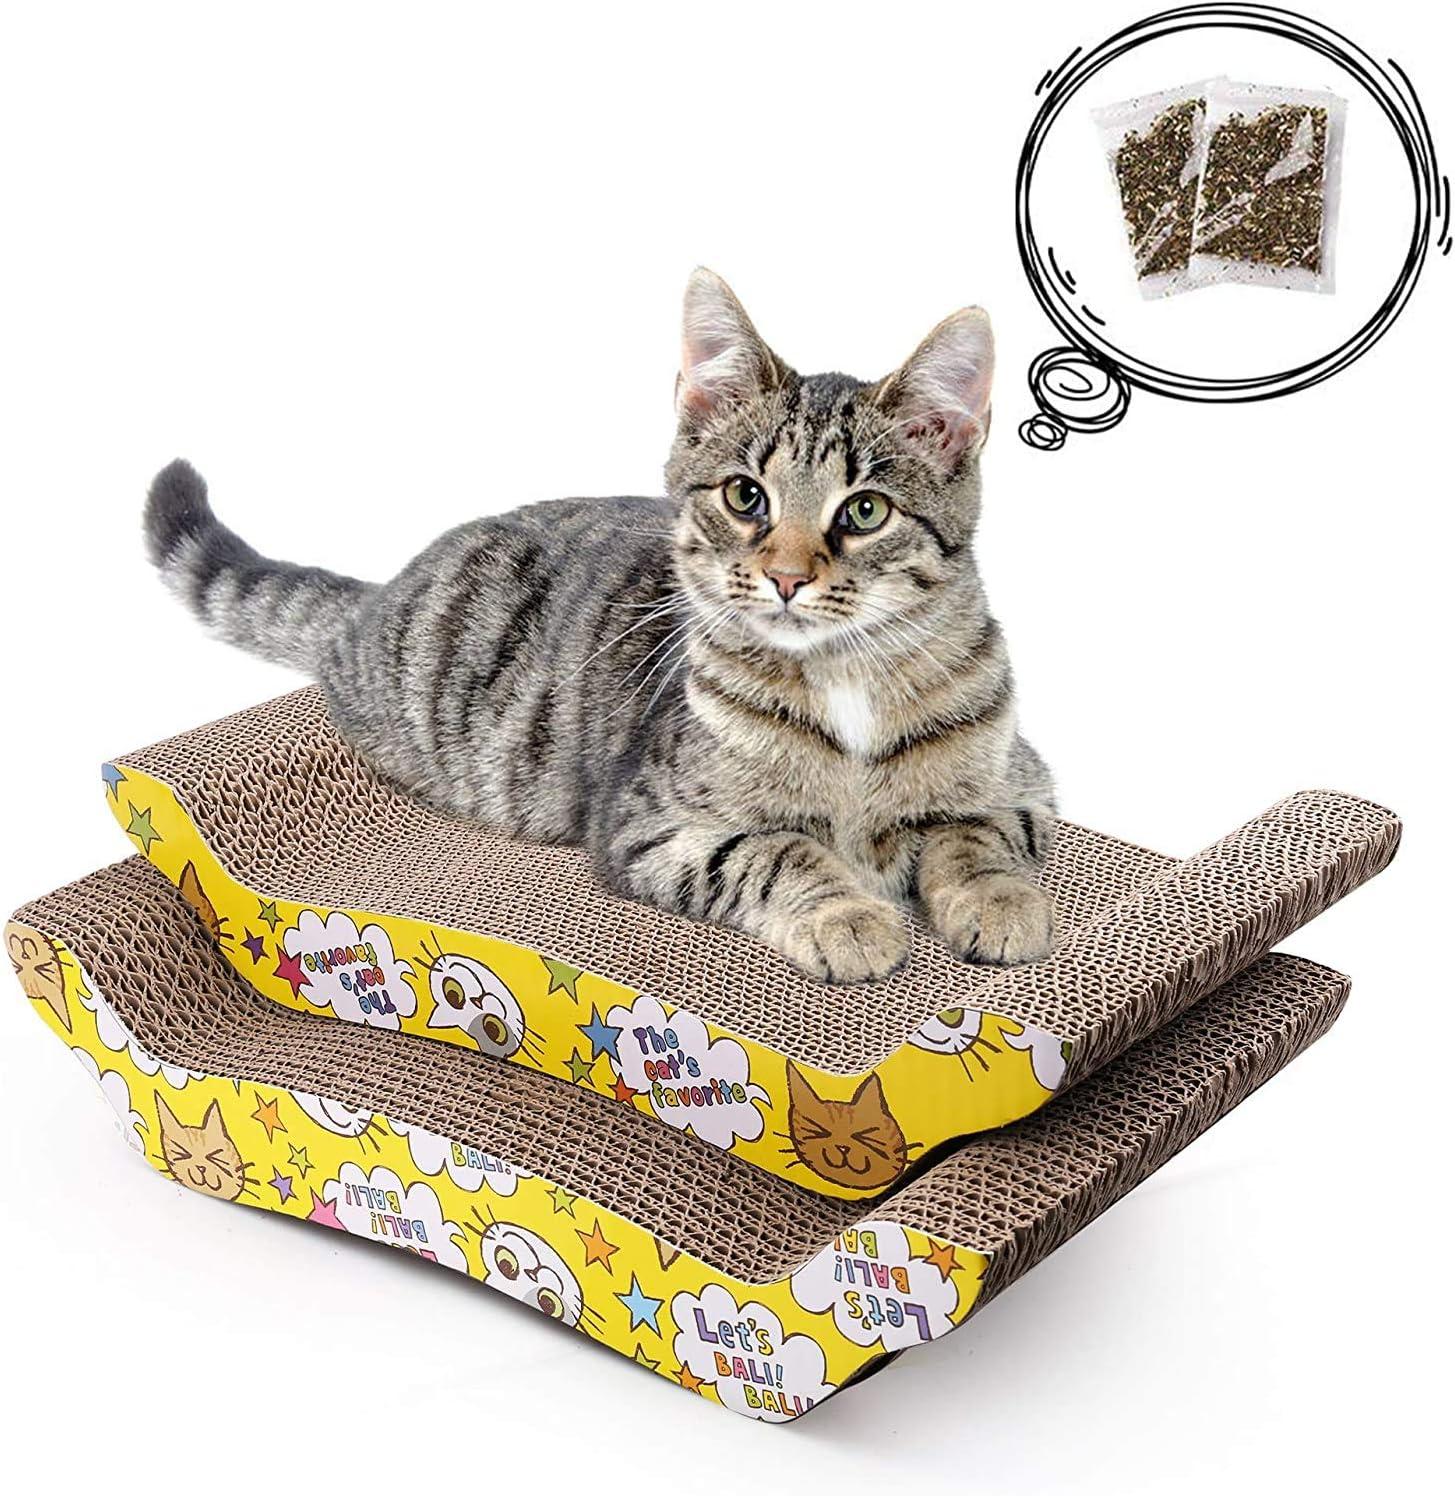 LotFancy 2PCS Rascadors para Gatos con Catnip para Cama y Sofá Almohadillas Rascadores para Gatos de Carton Reciclado Corrugado (20.5cm x 43cm)